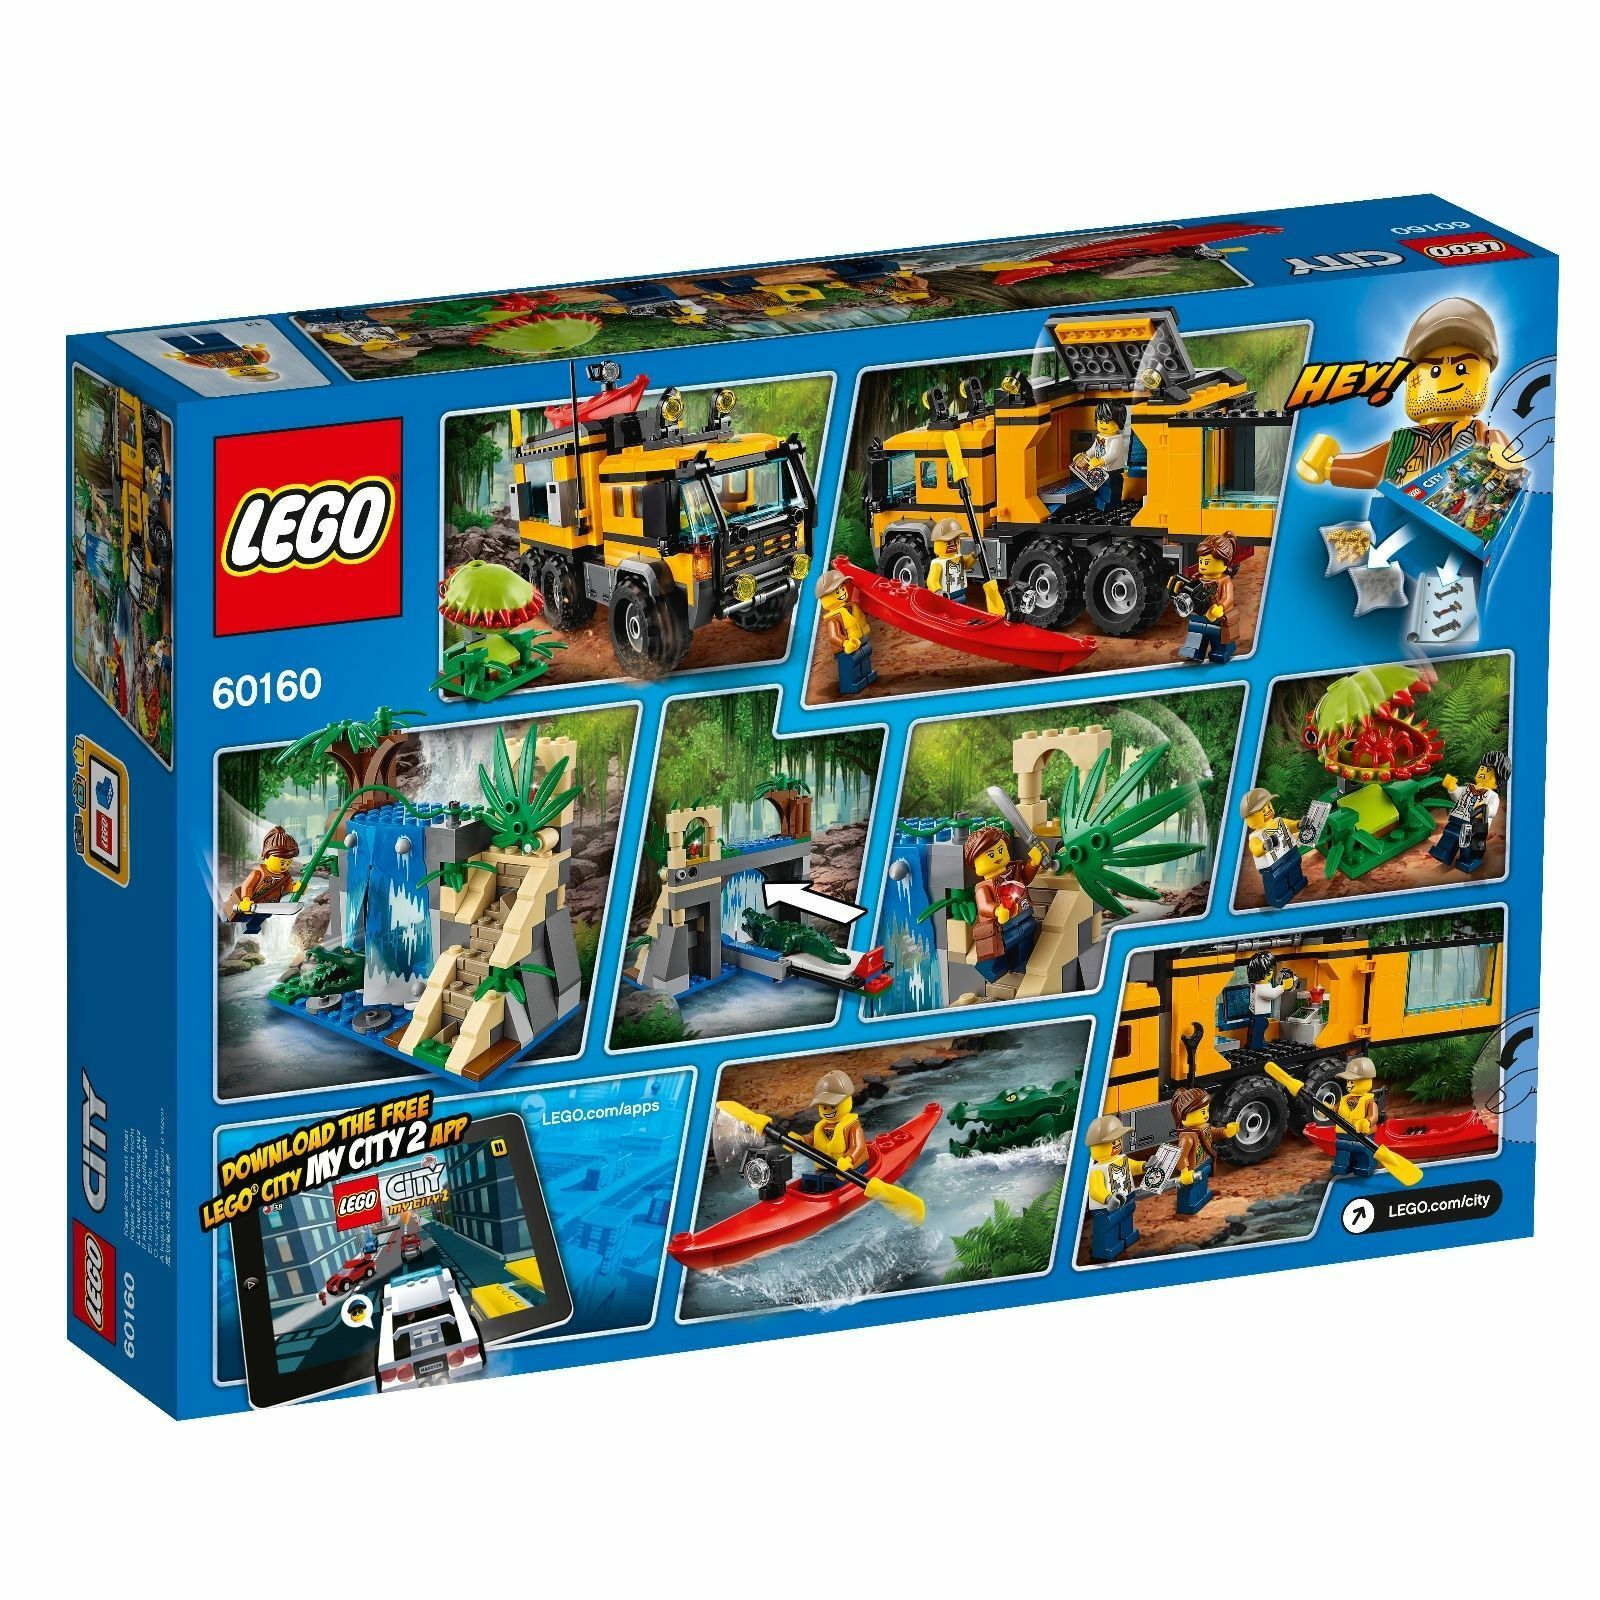 LEGO ® ® LEGO City 60160 Mobile jungle-Laboratoire Nouveau neuf dans sa boîte _ JUNGLE mobile Lab New En parfait état, dans sa boîte scellée 94f1fd